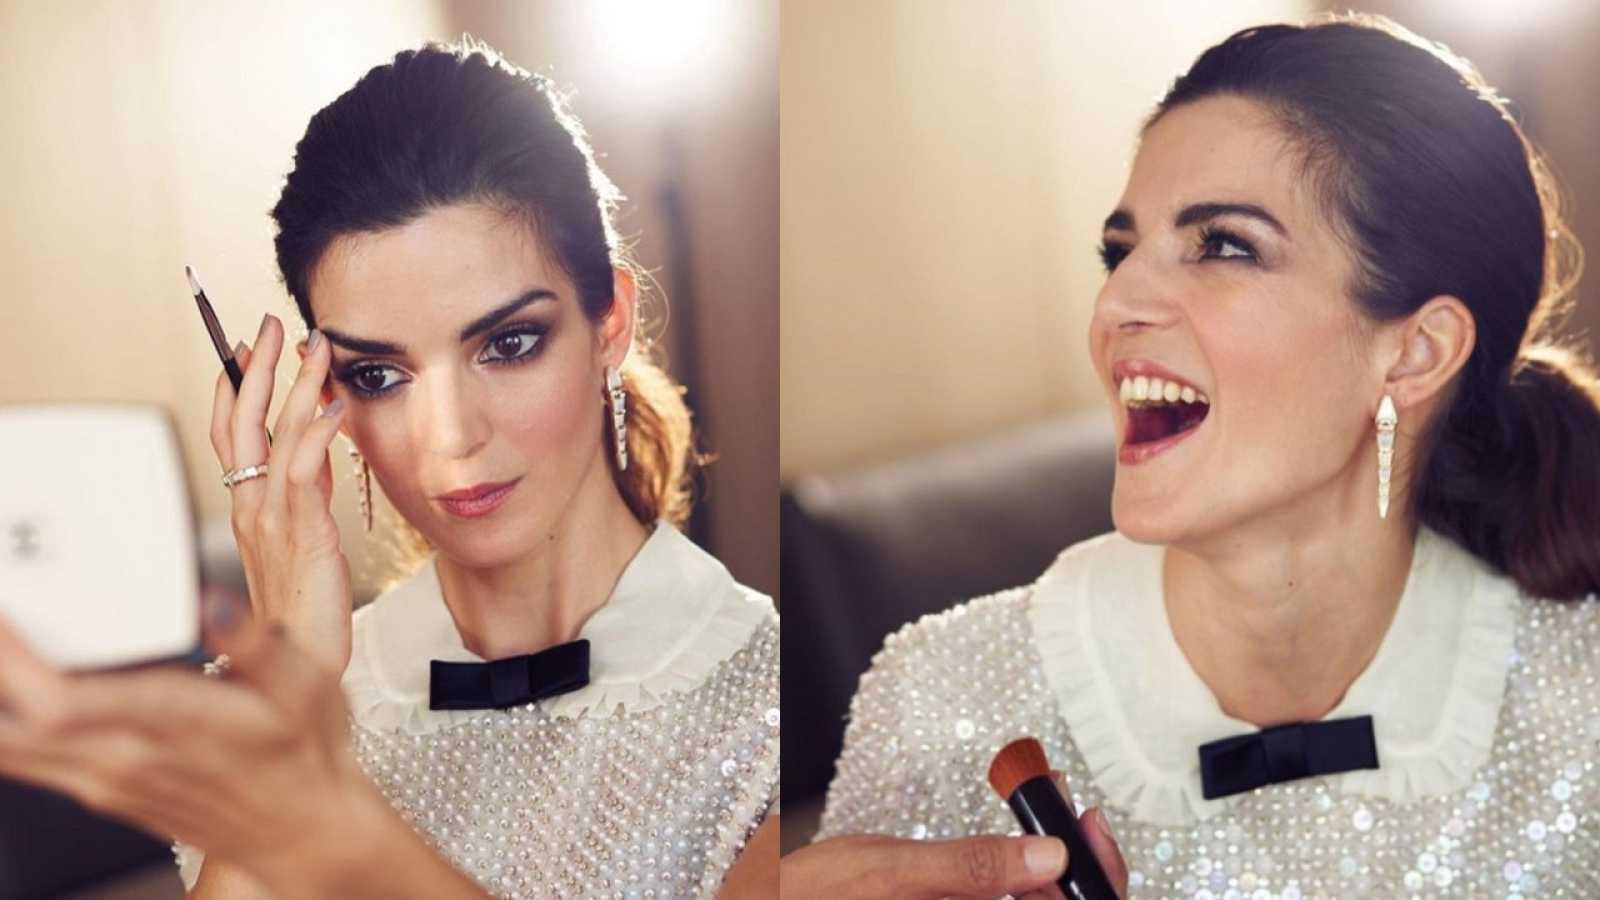 Clara Lago comparte unas fotos inéditas del 'making off' de su look